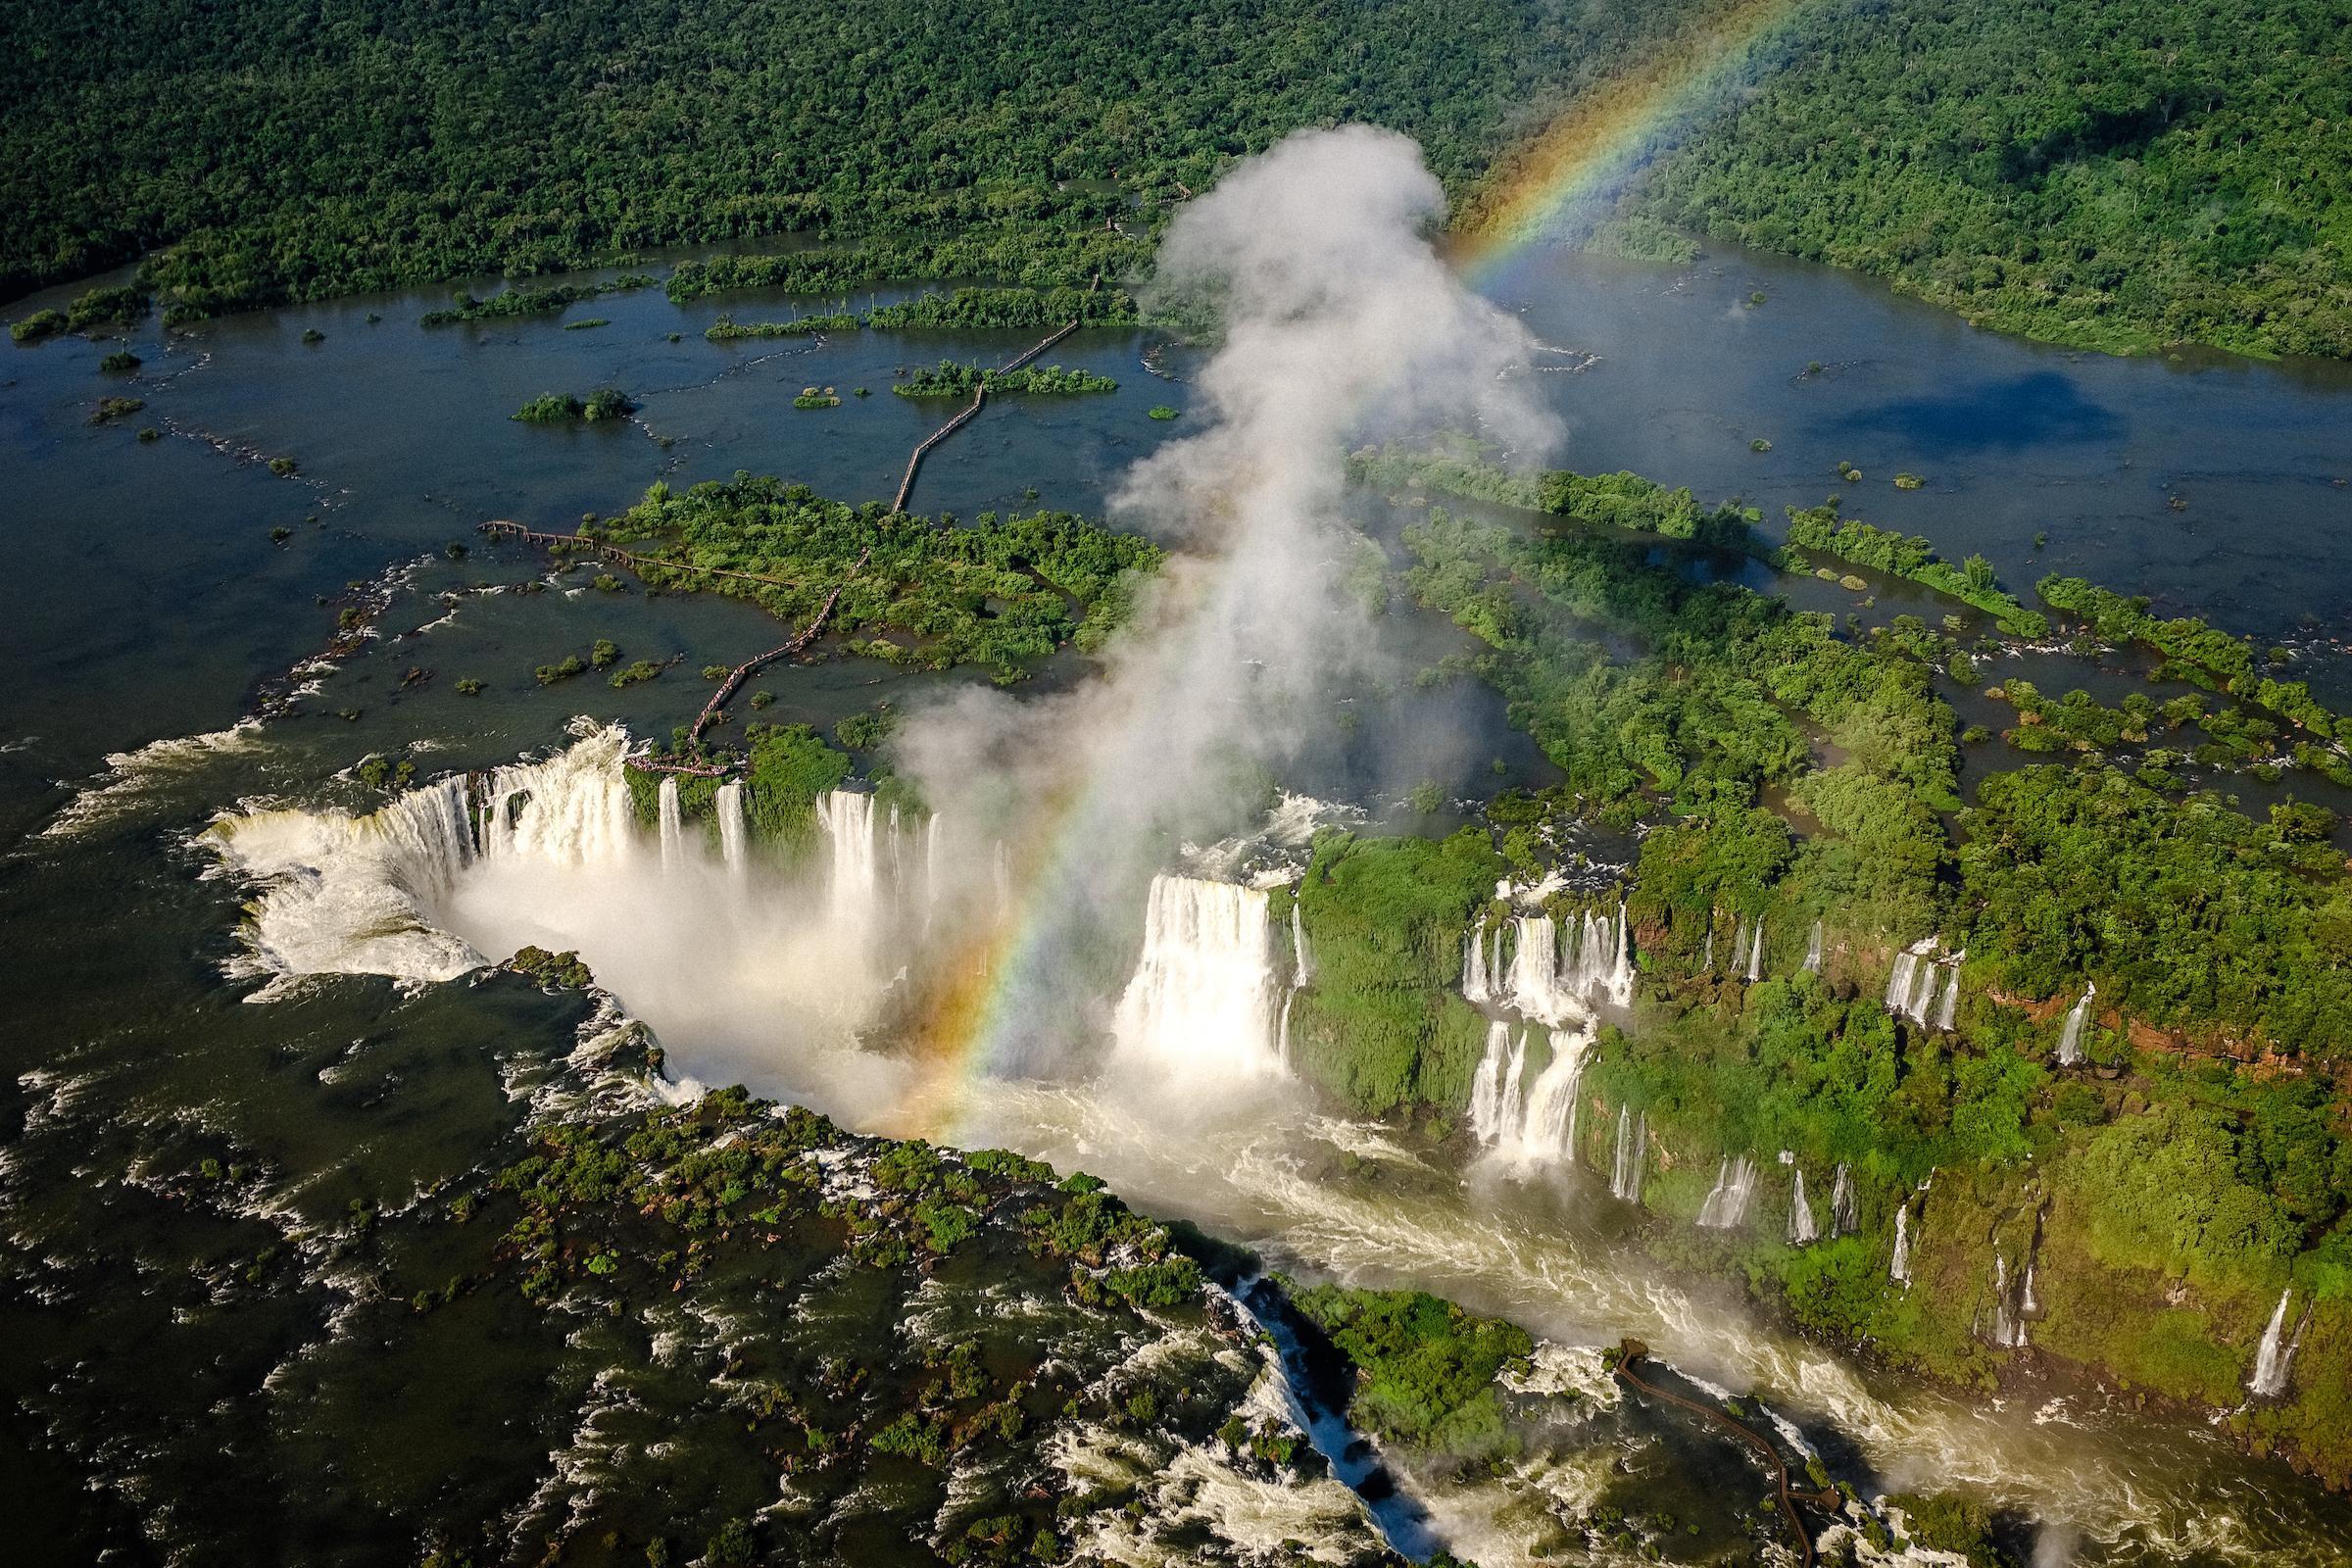 How to Spend 3 Days in Foz do Iguacu